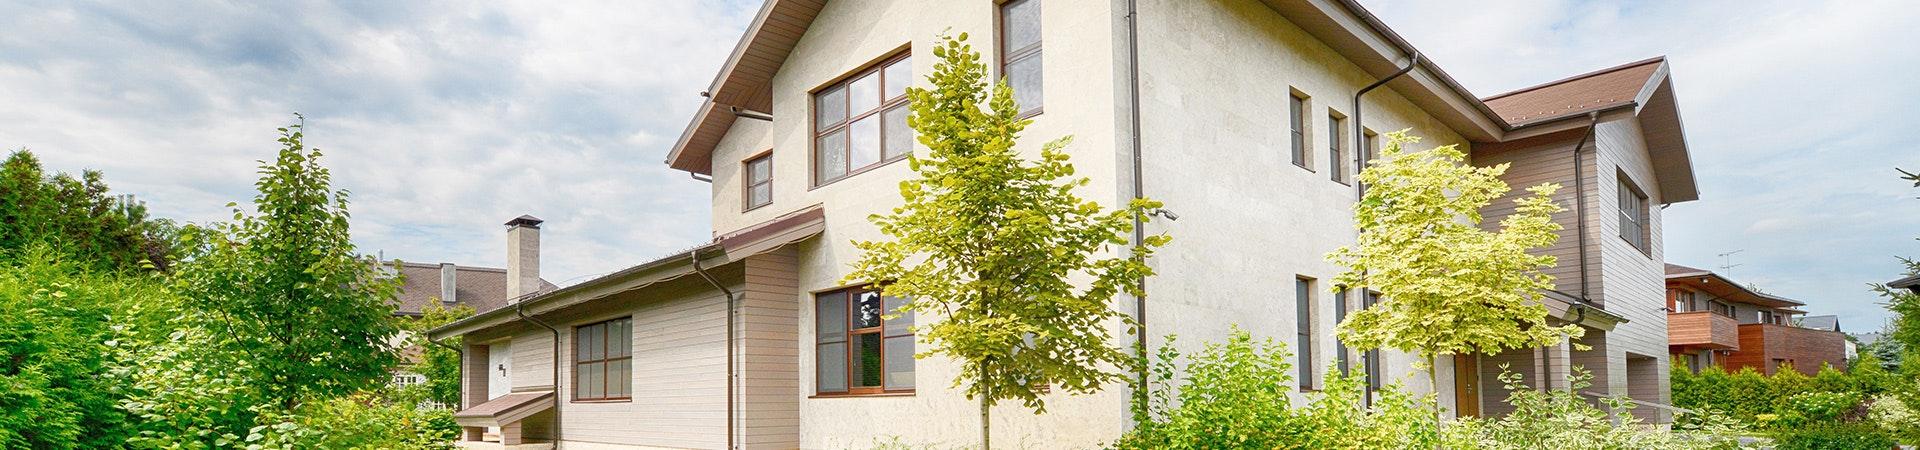 Wohngebäudeversicherung Vergleich online | Gutscheinpony